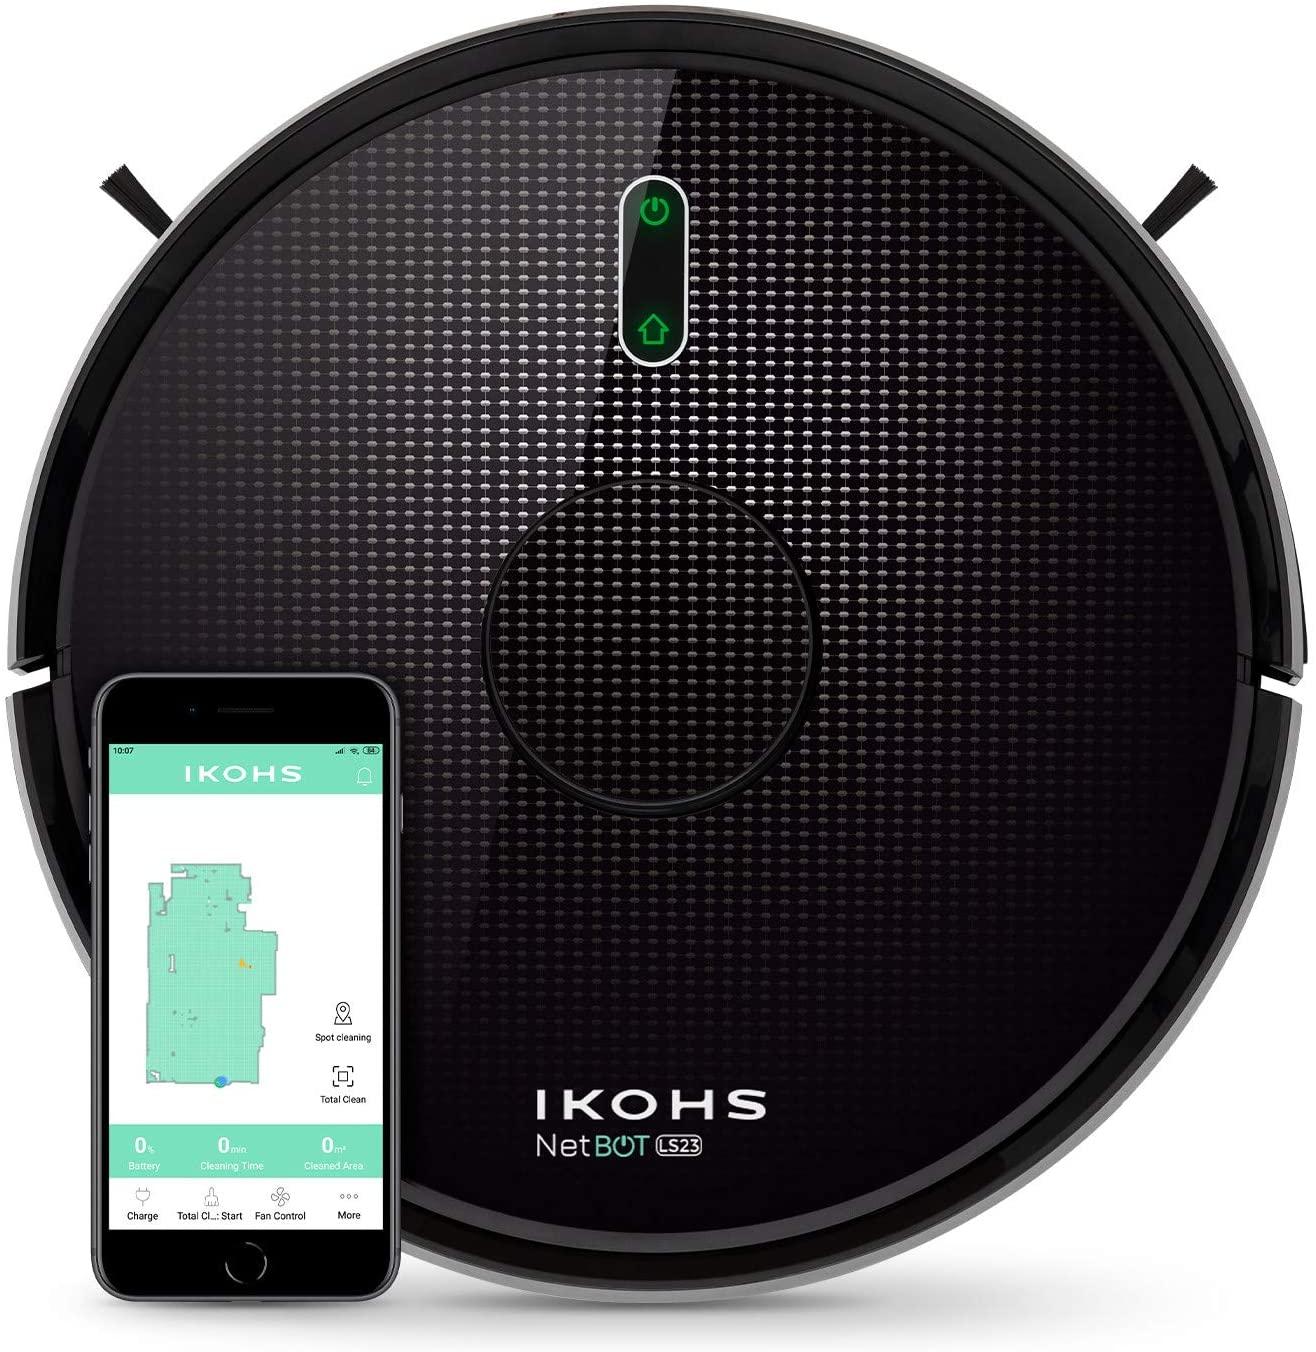 IKOHS NETBOT LS23 - Robot Aspirador Láser, Aspira, Barre, Friega y Pasa la Mopa, Mapeo 3D Láser, con Filtro Hepa, Navegación Inteligente, App con Mapa, WiFi, Programable (Autonomía: 90-120 Minutos)